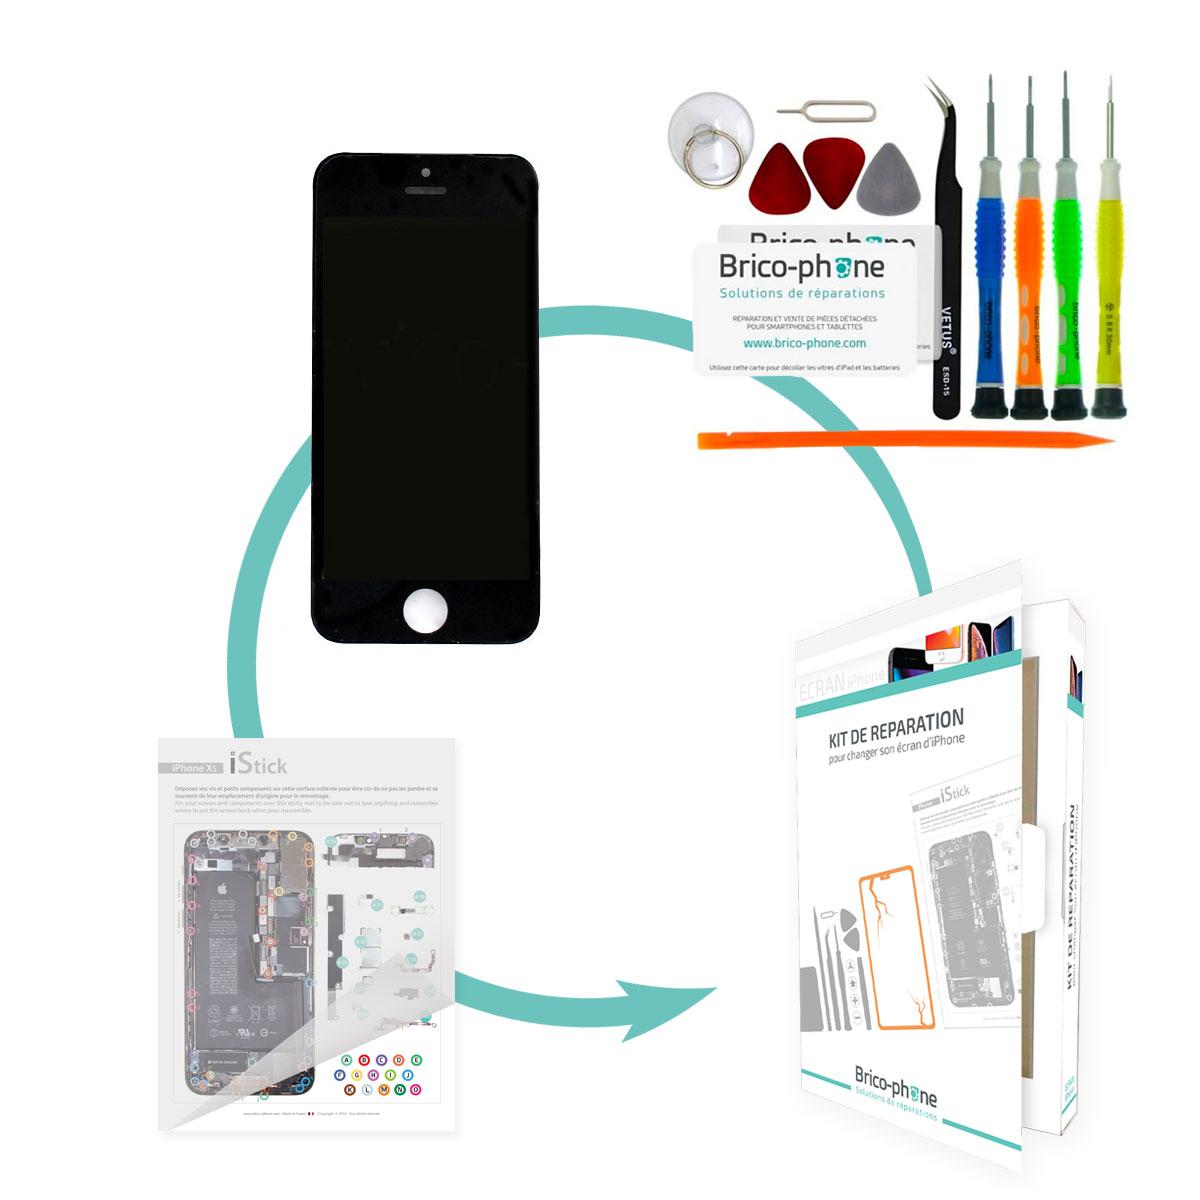 Kit de réparation Brico-phone avec écran NOIR iPhone 5S RAPPORT QUALITE / PRIX